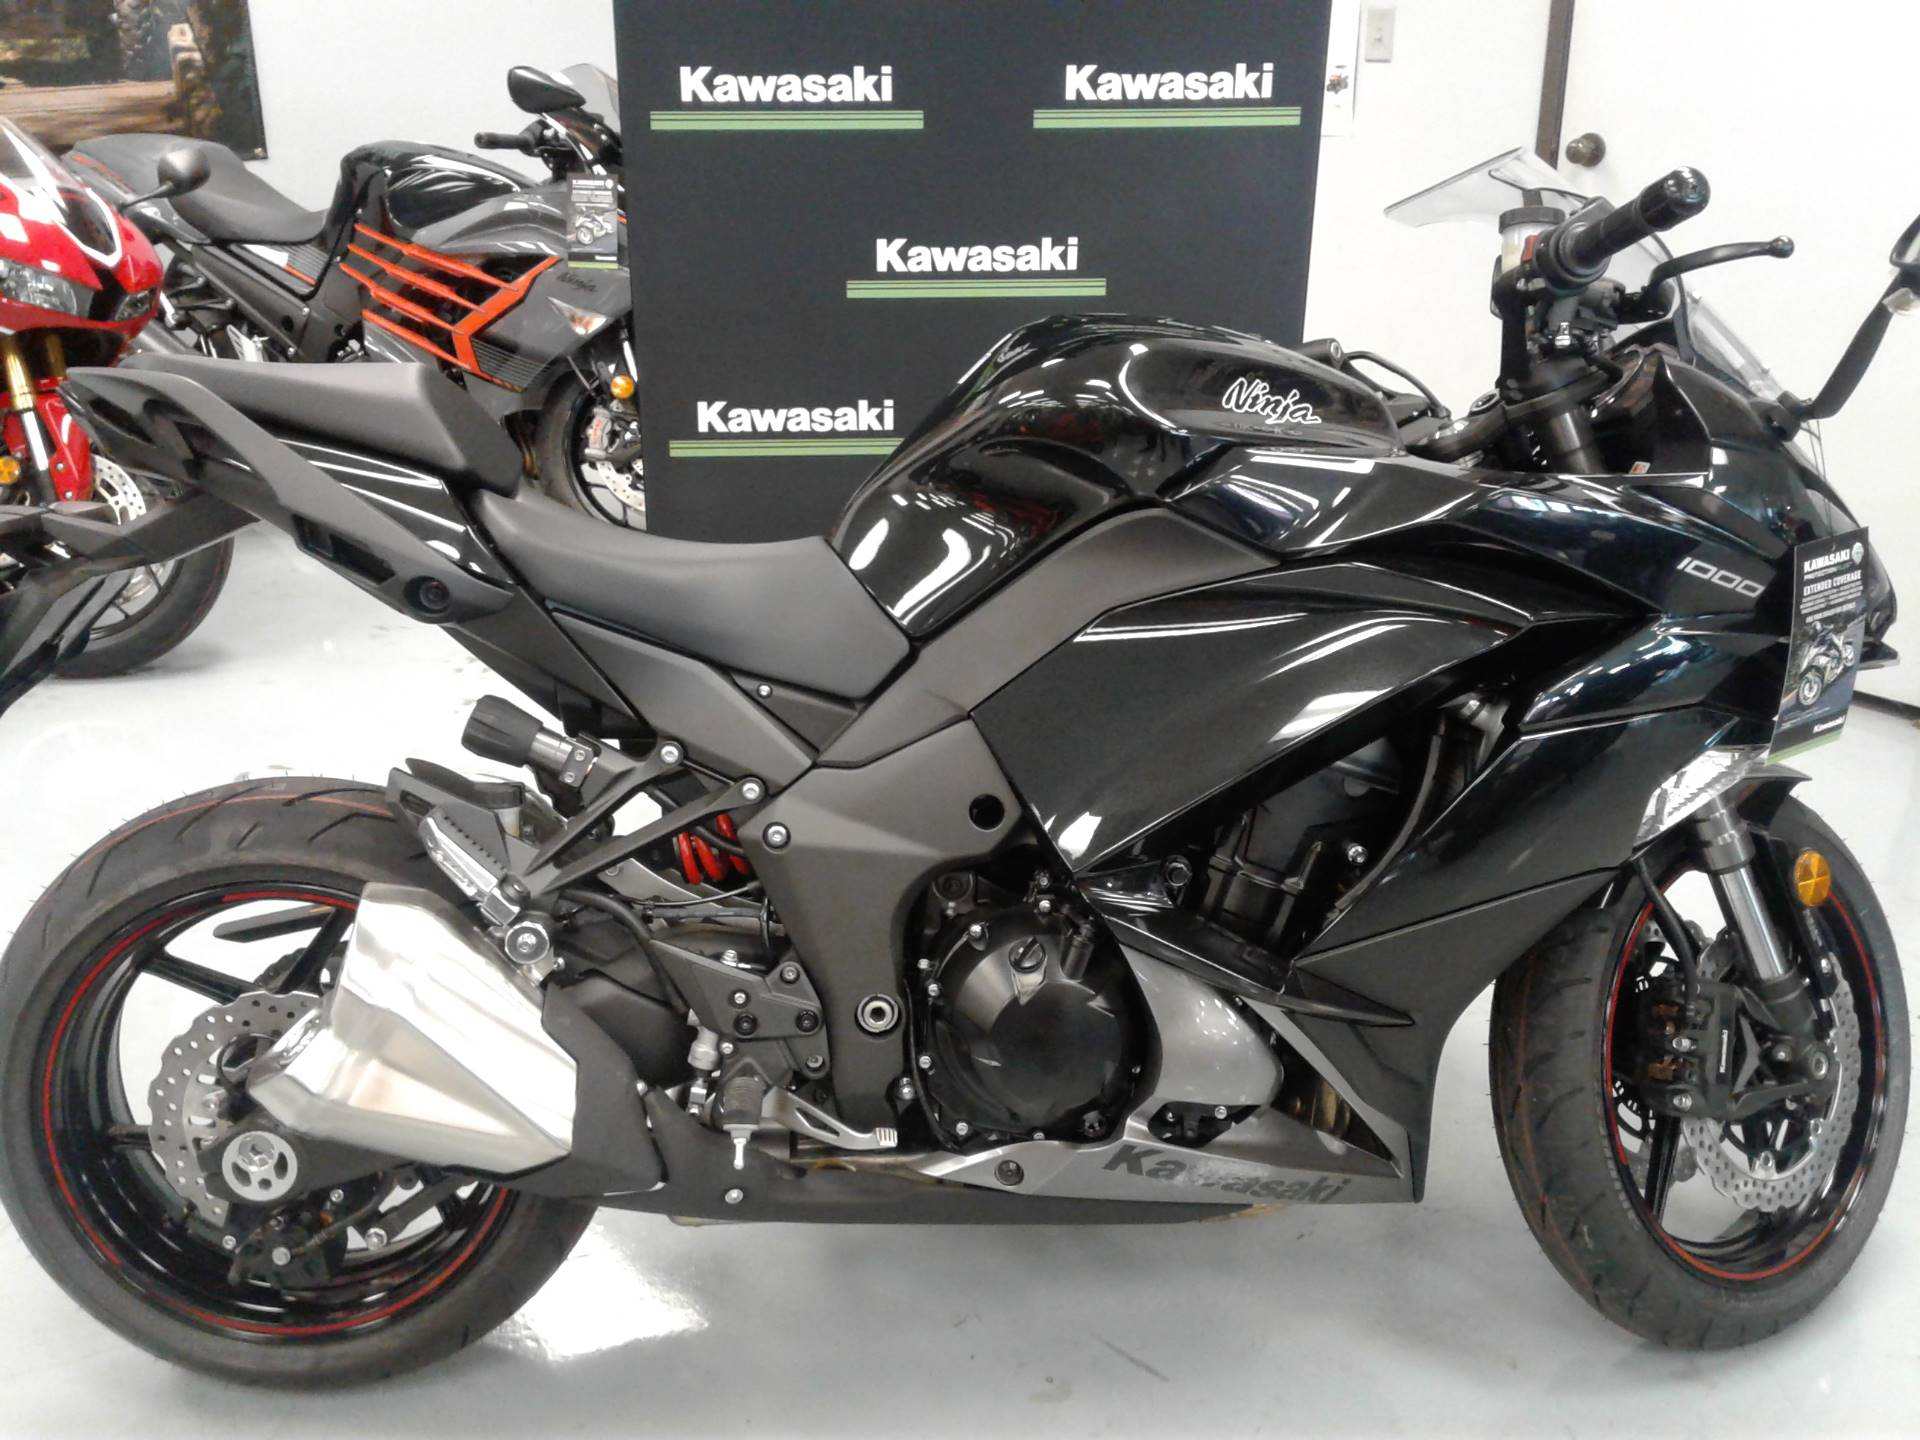 2018 Kawasaki Ninja 1000 ABS for sale 7400